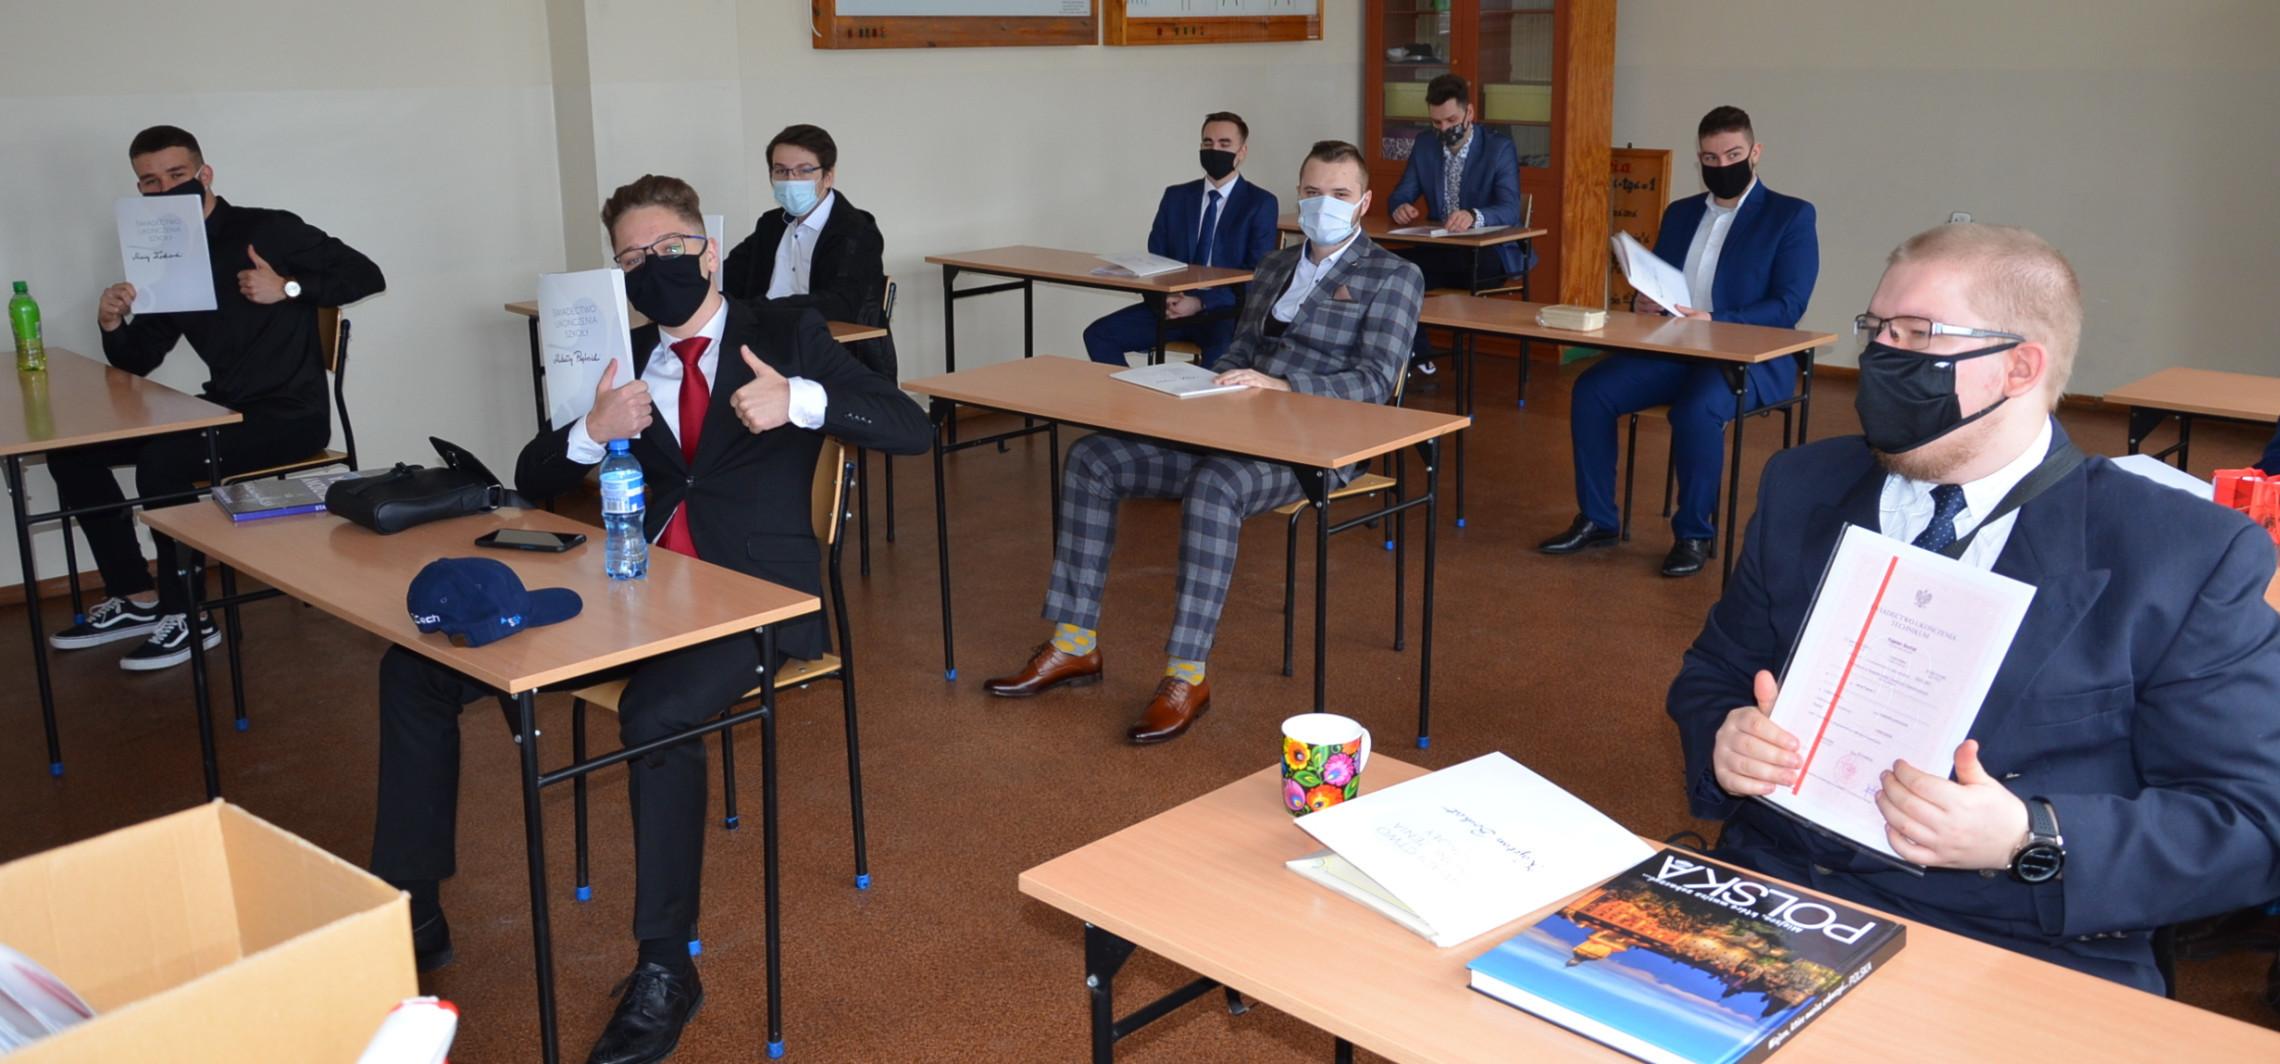 Inowrocław - Oni mają dziś koniec roku. Odbierają świadectwa